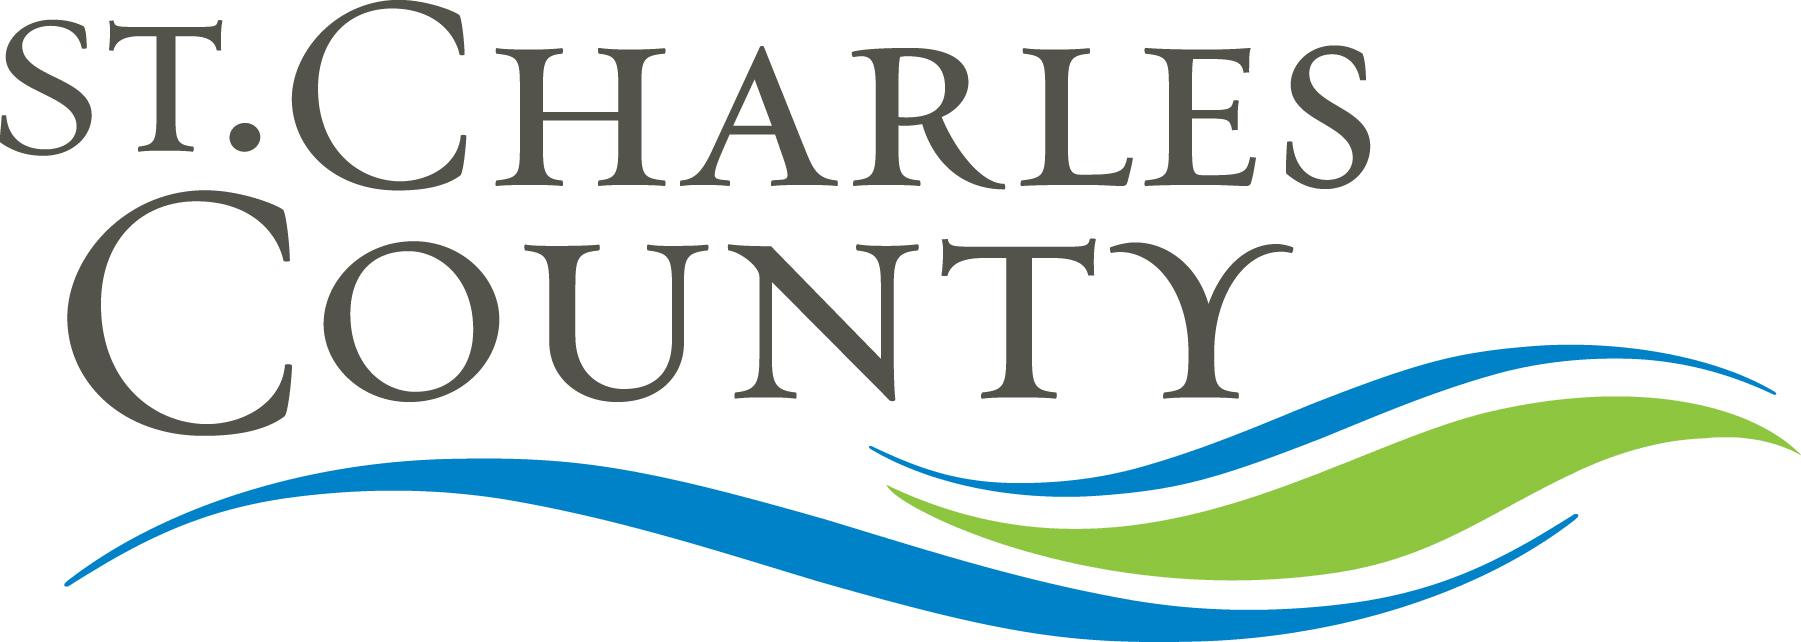 Saint Charles, Missouri-18504-logo